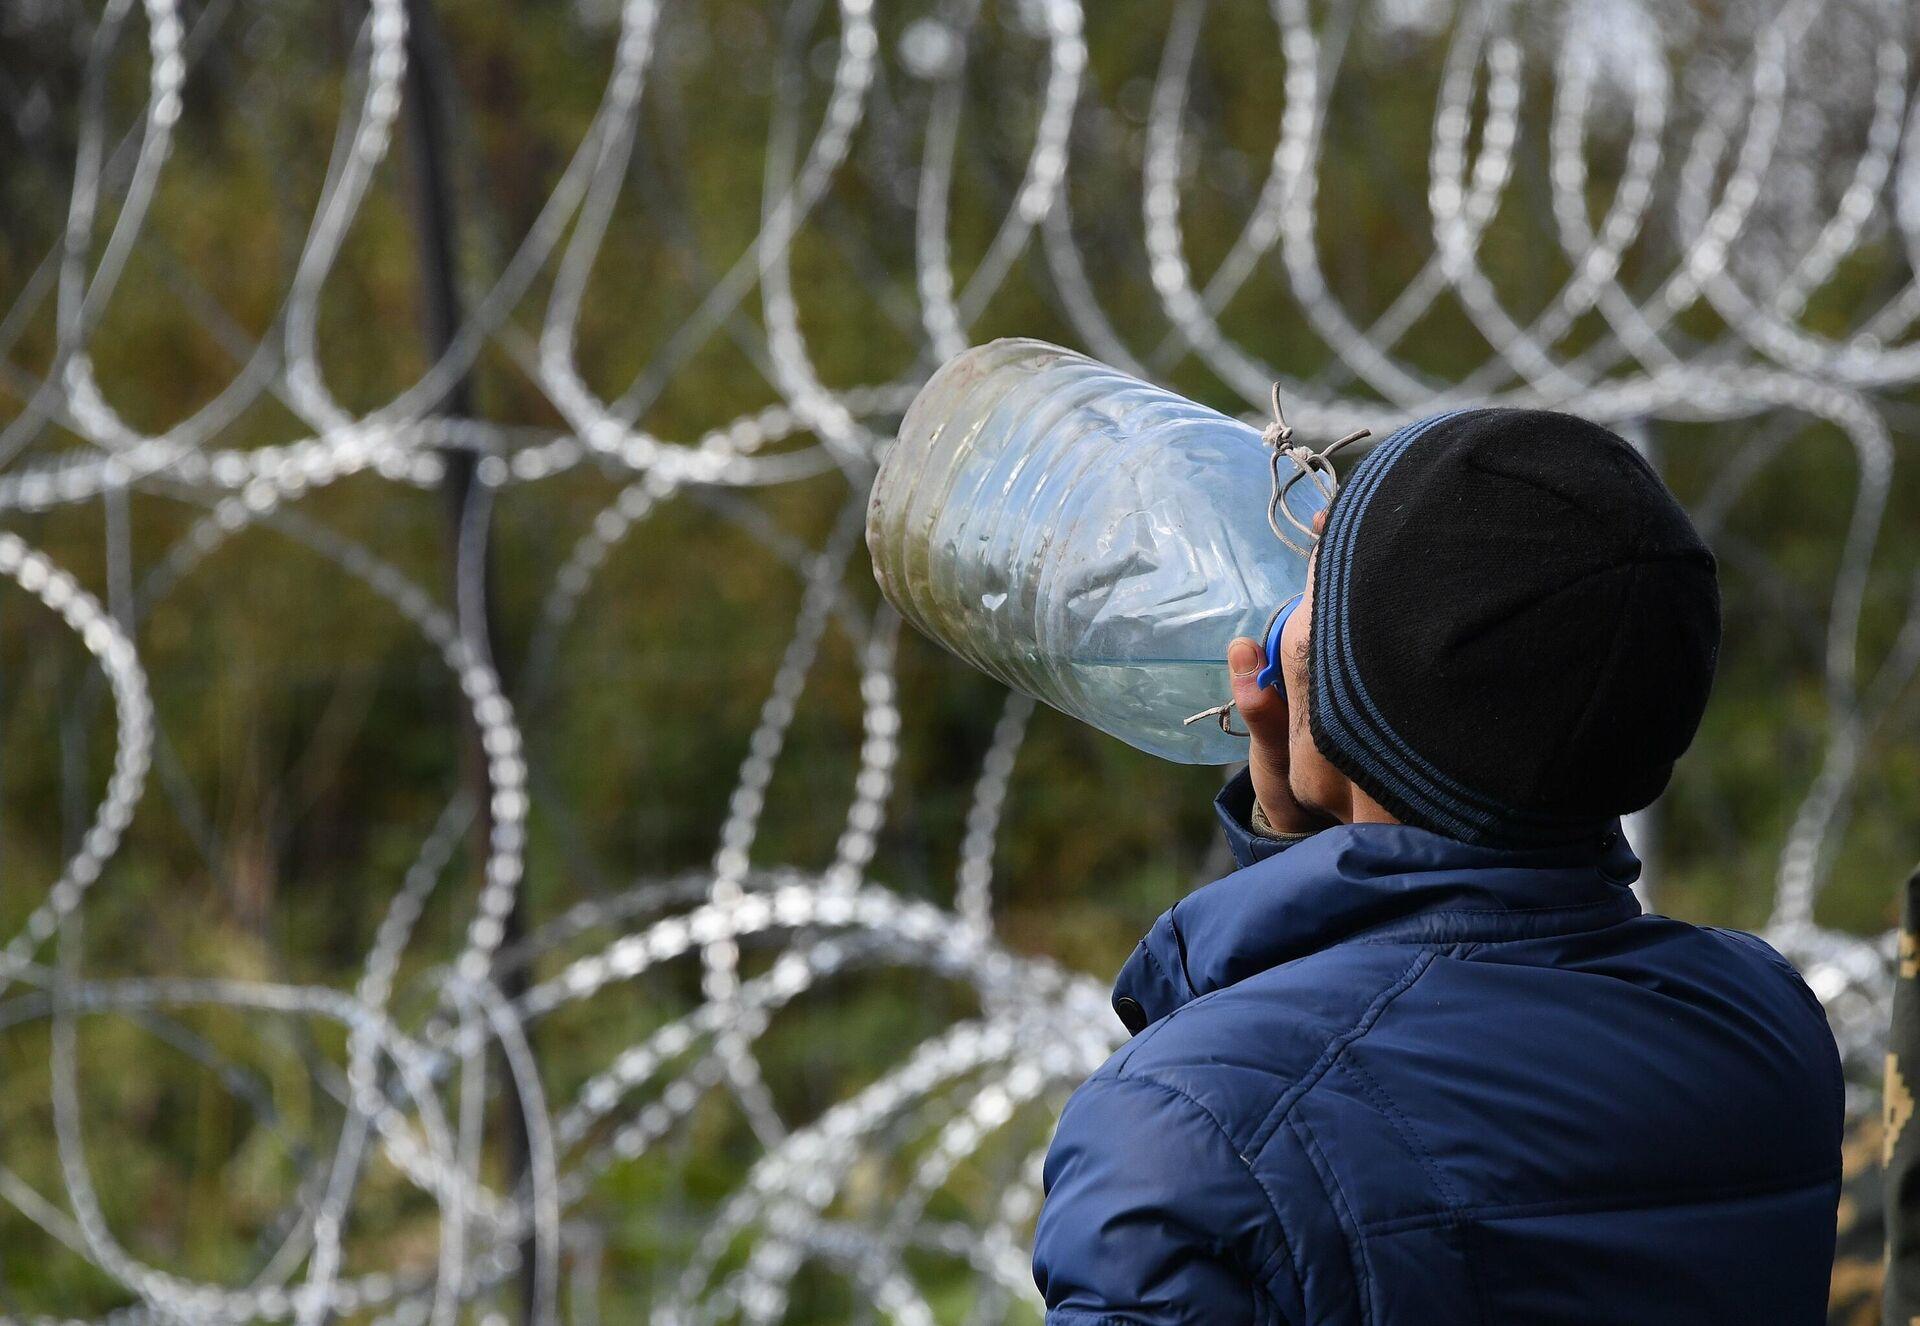 Многие мигранты жалуются на проблемы с желудком: им приходится пить воду прямо из местной речки - Sputnik Беларусь, 1920, 30.09.2021